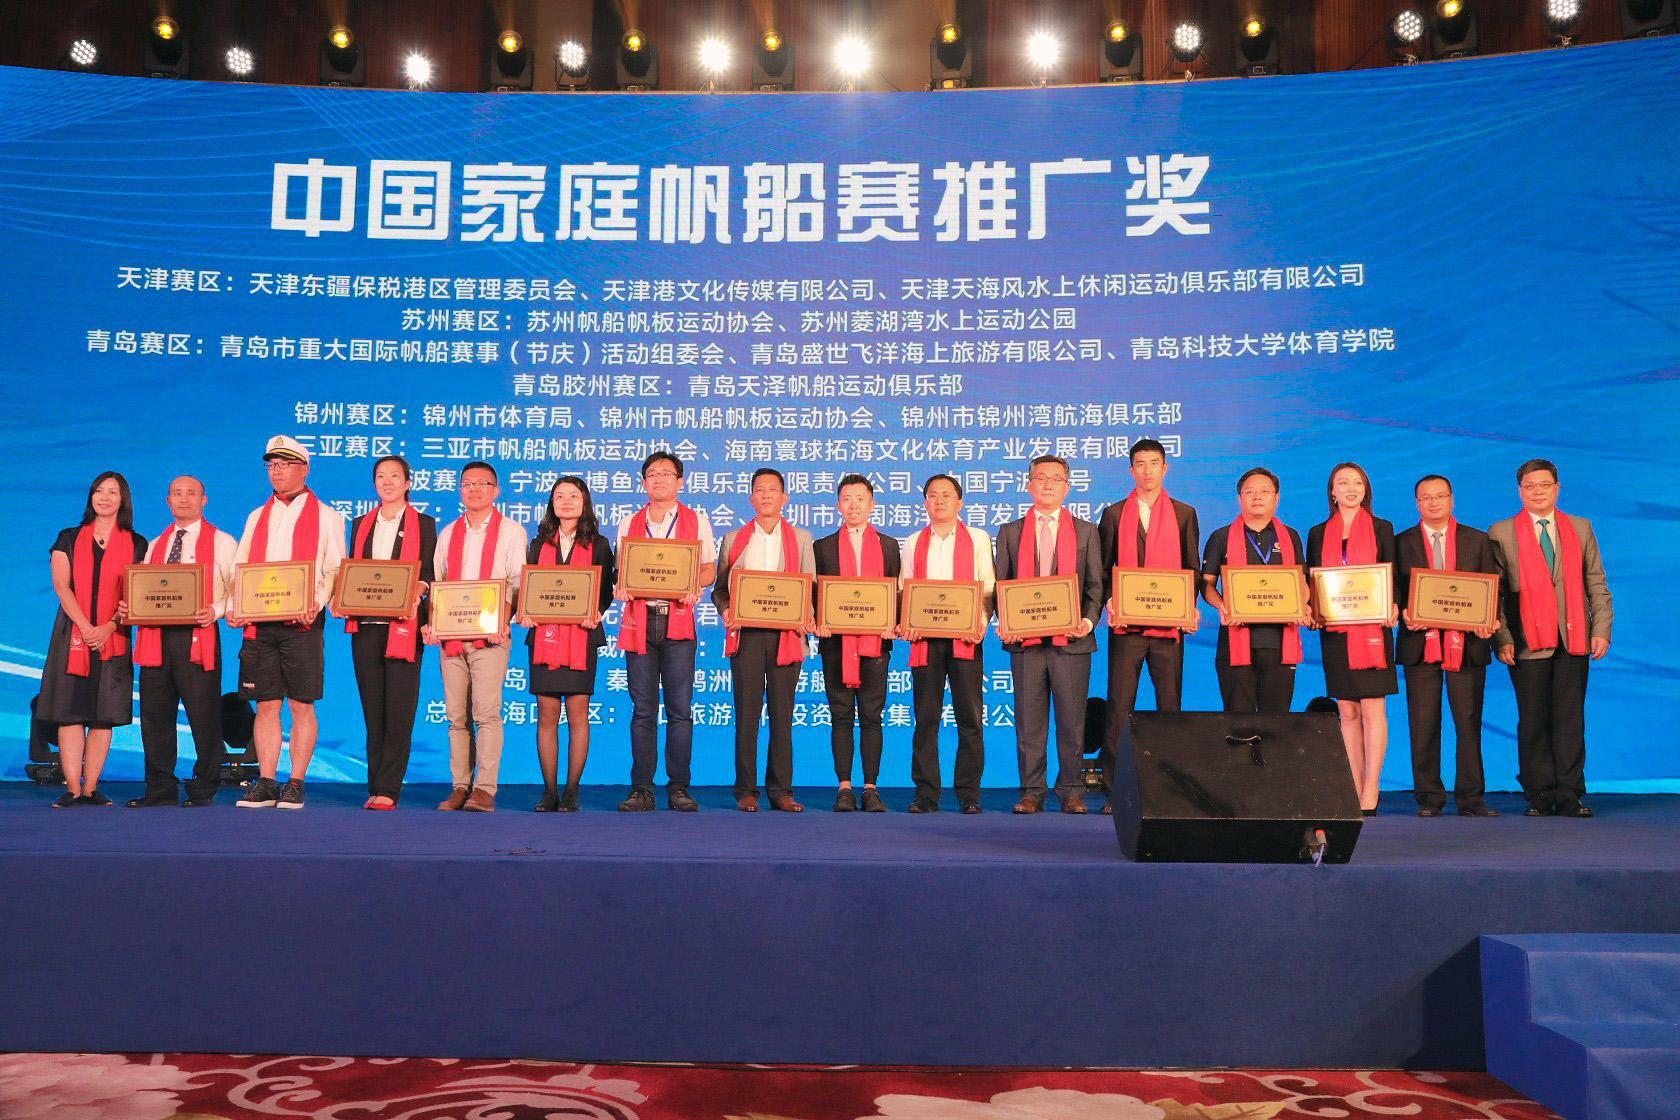 打造城市嘉年华 中国帆船年度盛典闭幕